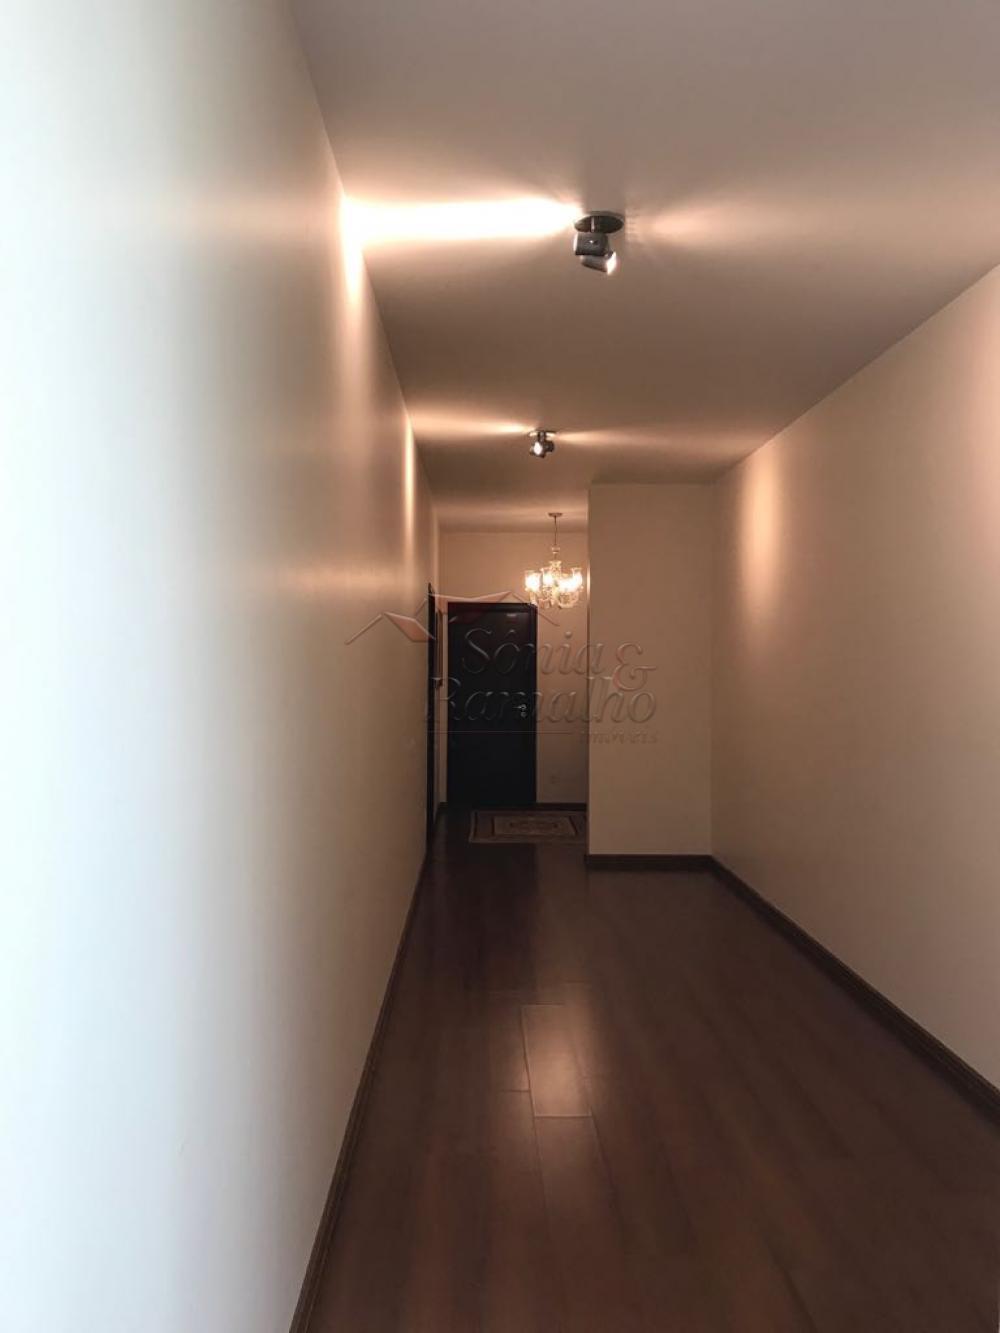 Comprar Casas / Chácara em Ribeirão Preto apenas R$ 2.300.000,00 - Foto 22